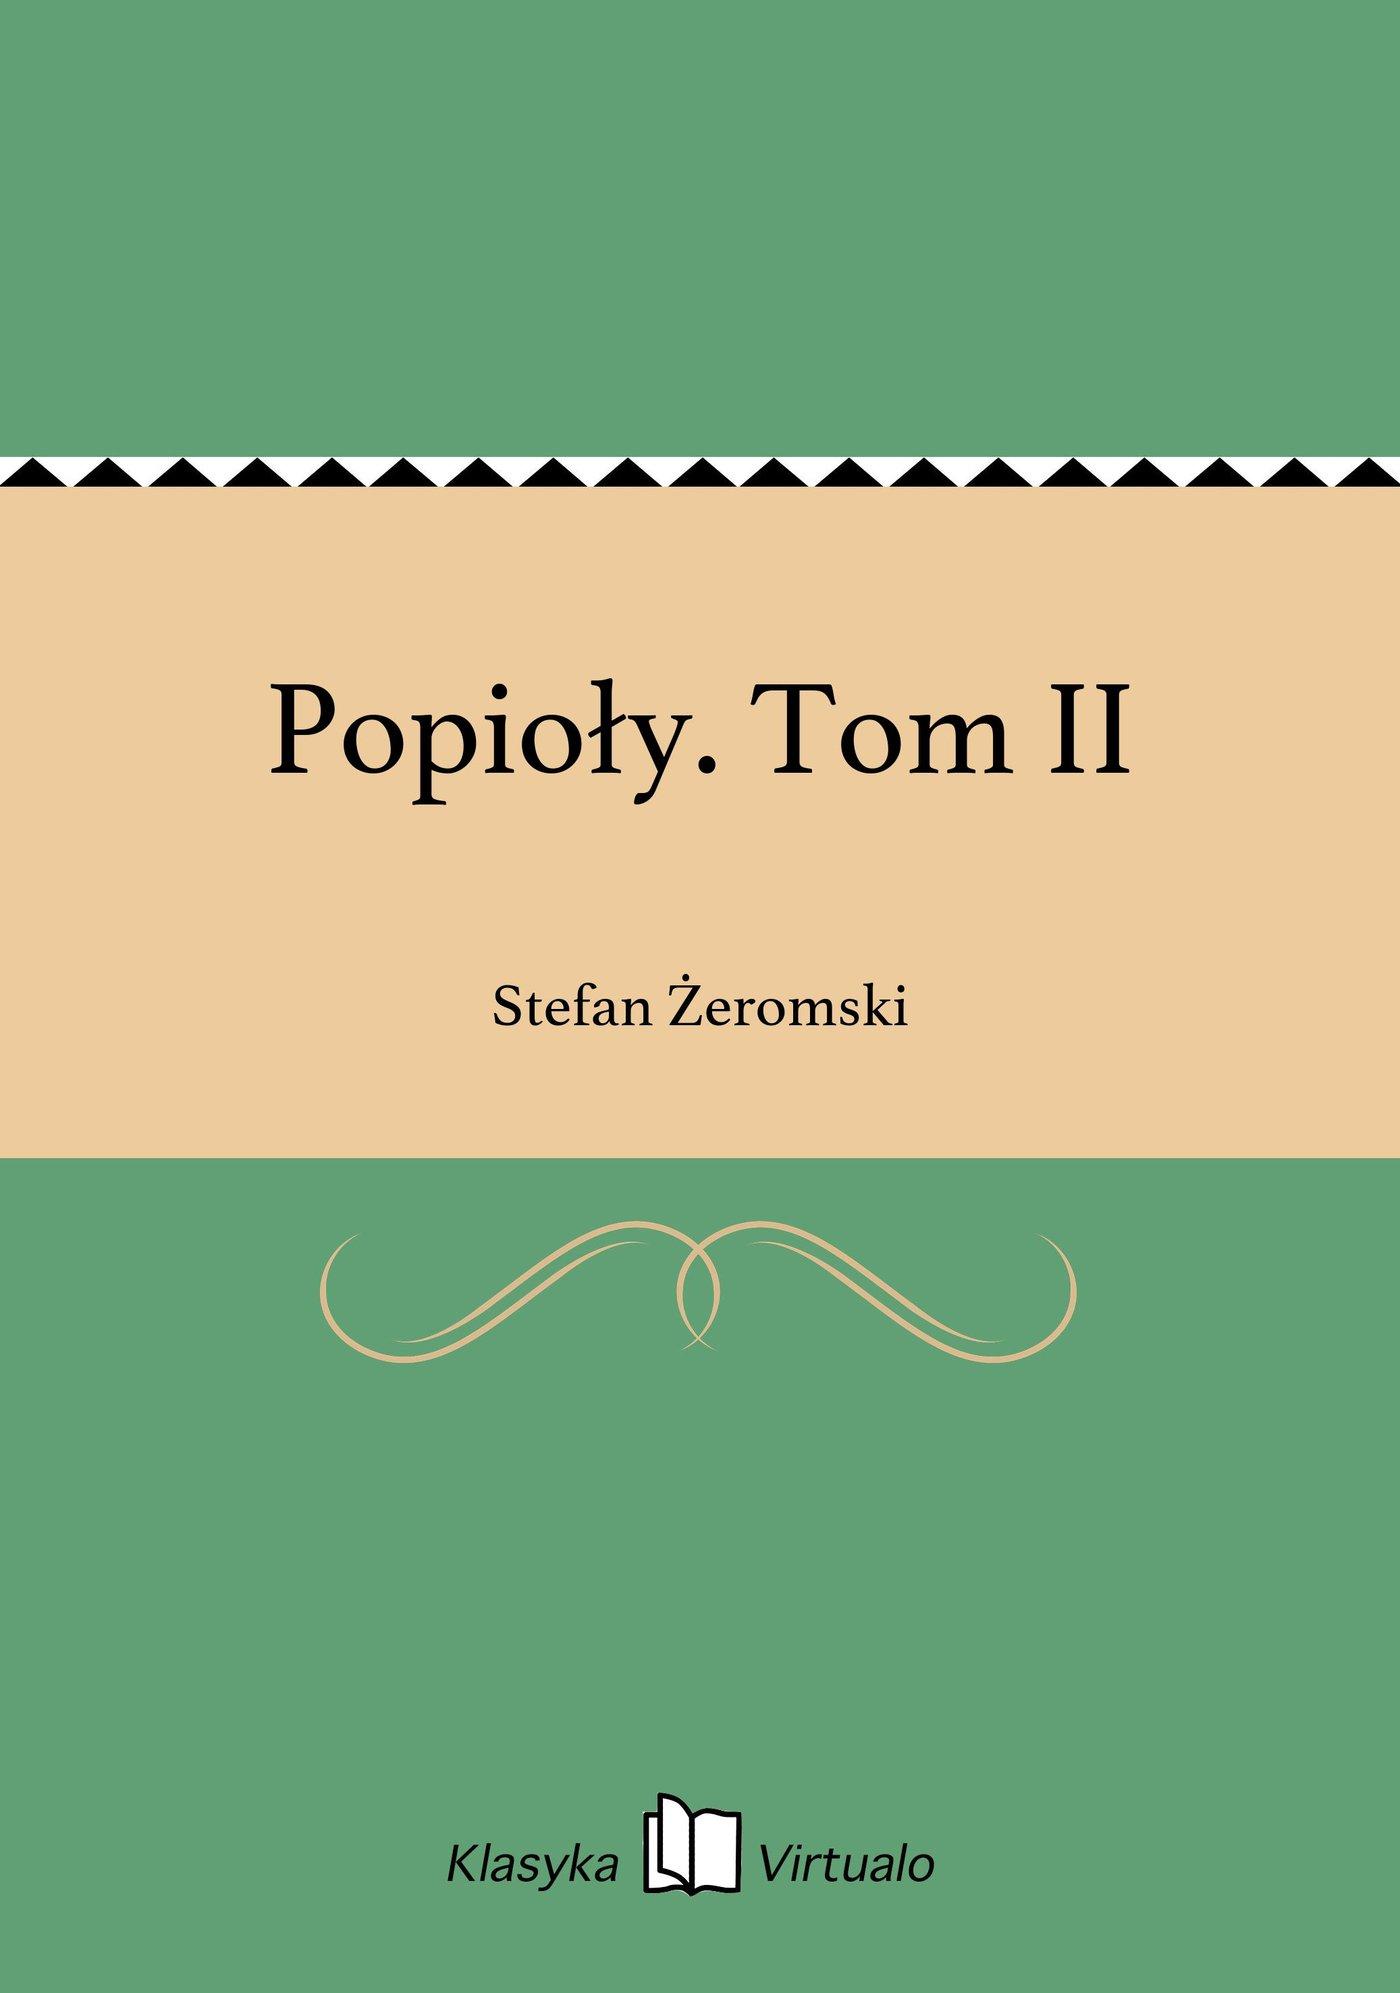 Popioły. Tom II - Ebook (Książka na Kindle) do pobrania w formacie MOBI